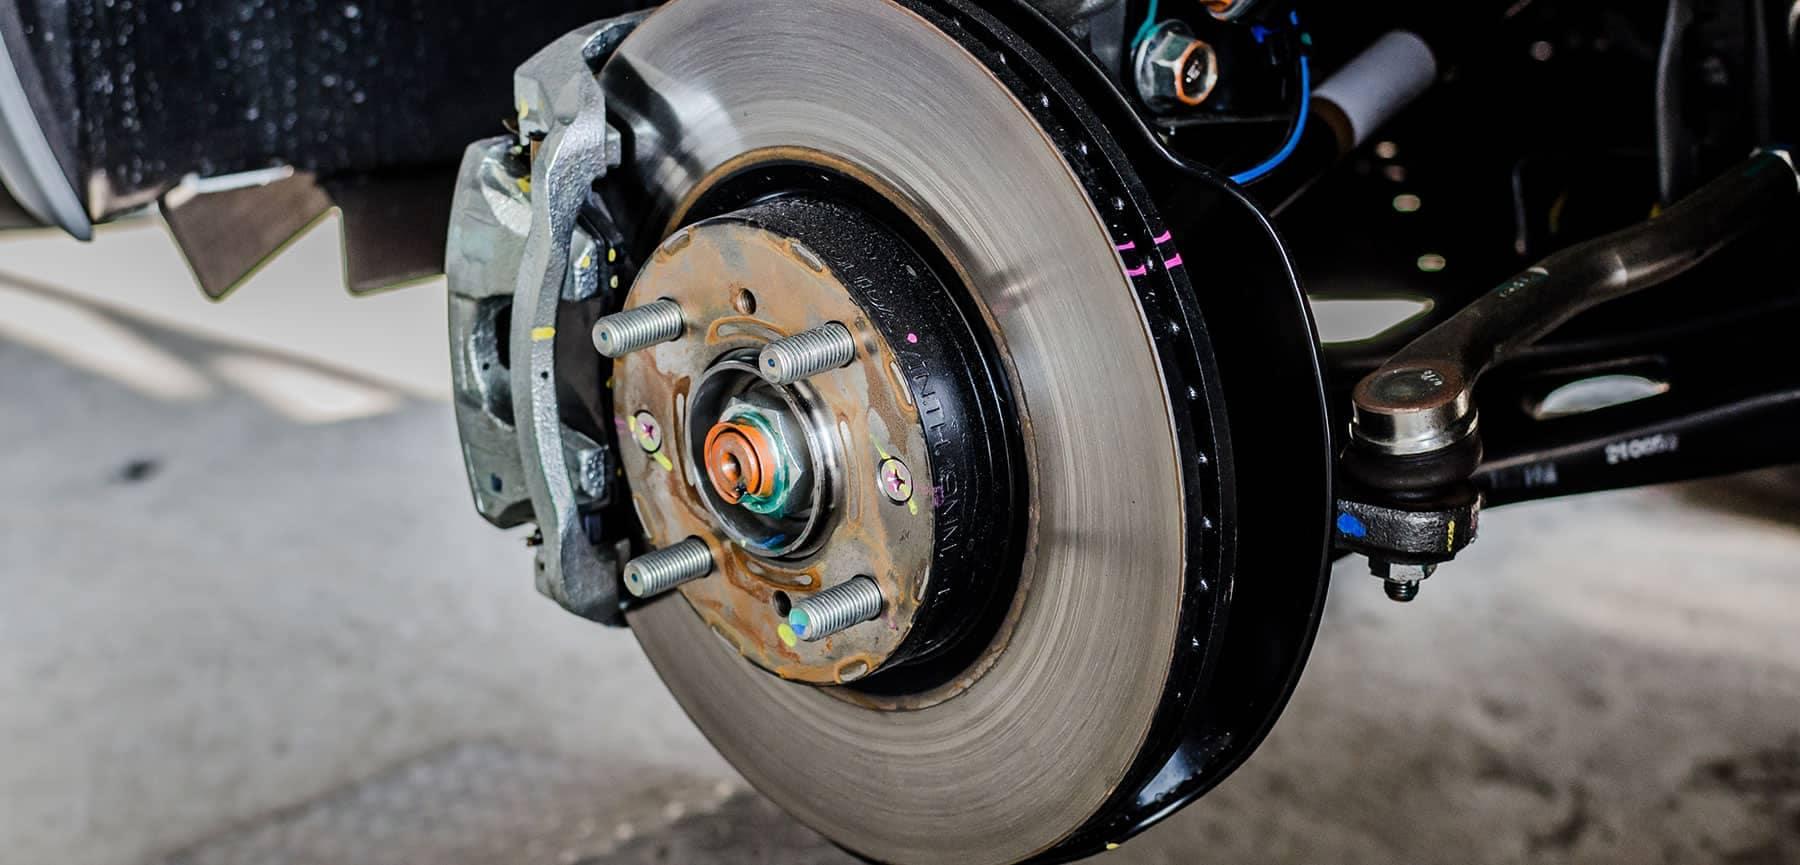 Close up view of brake rotors